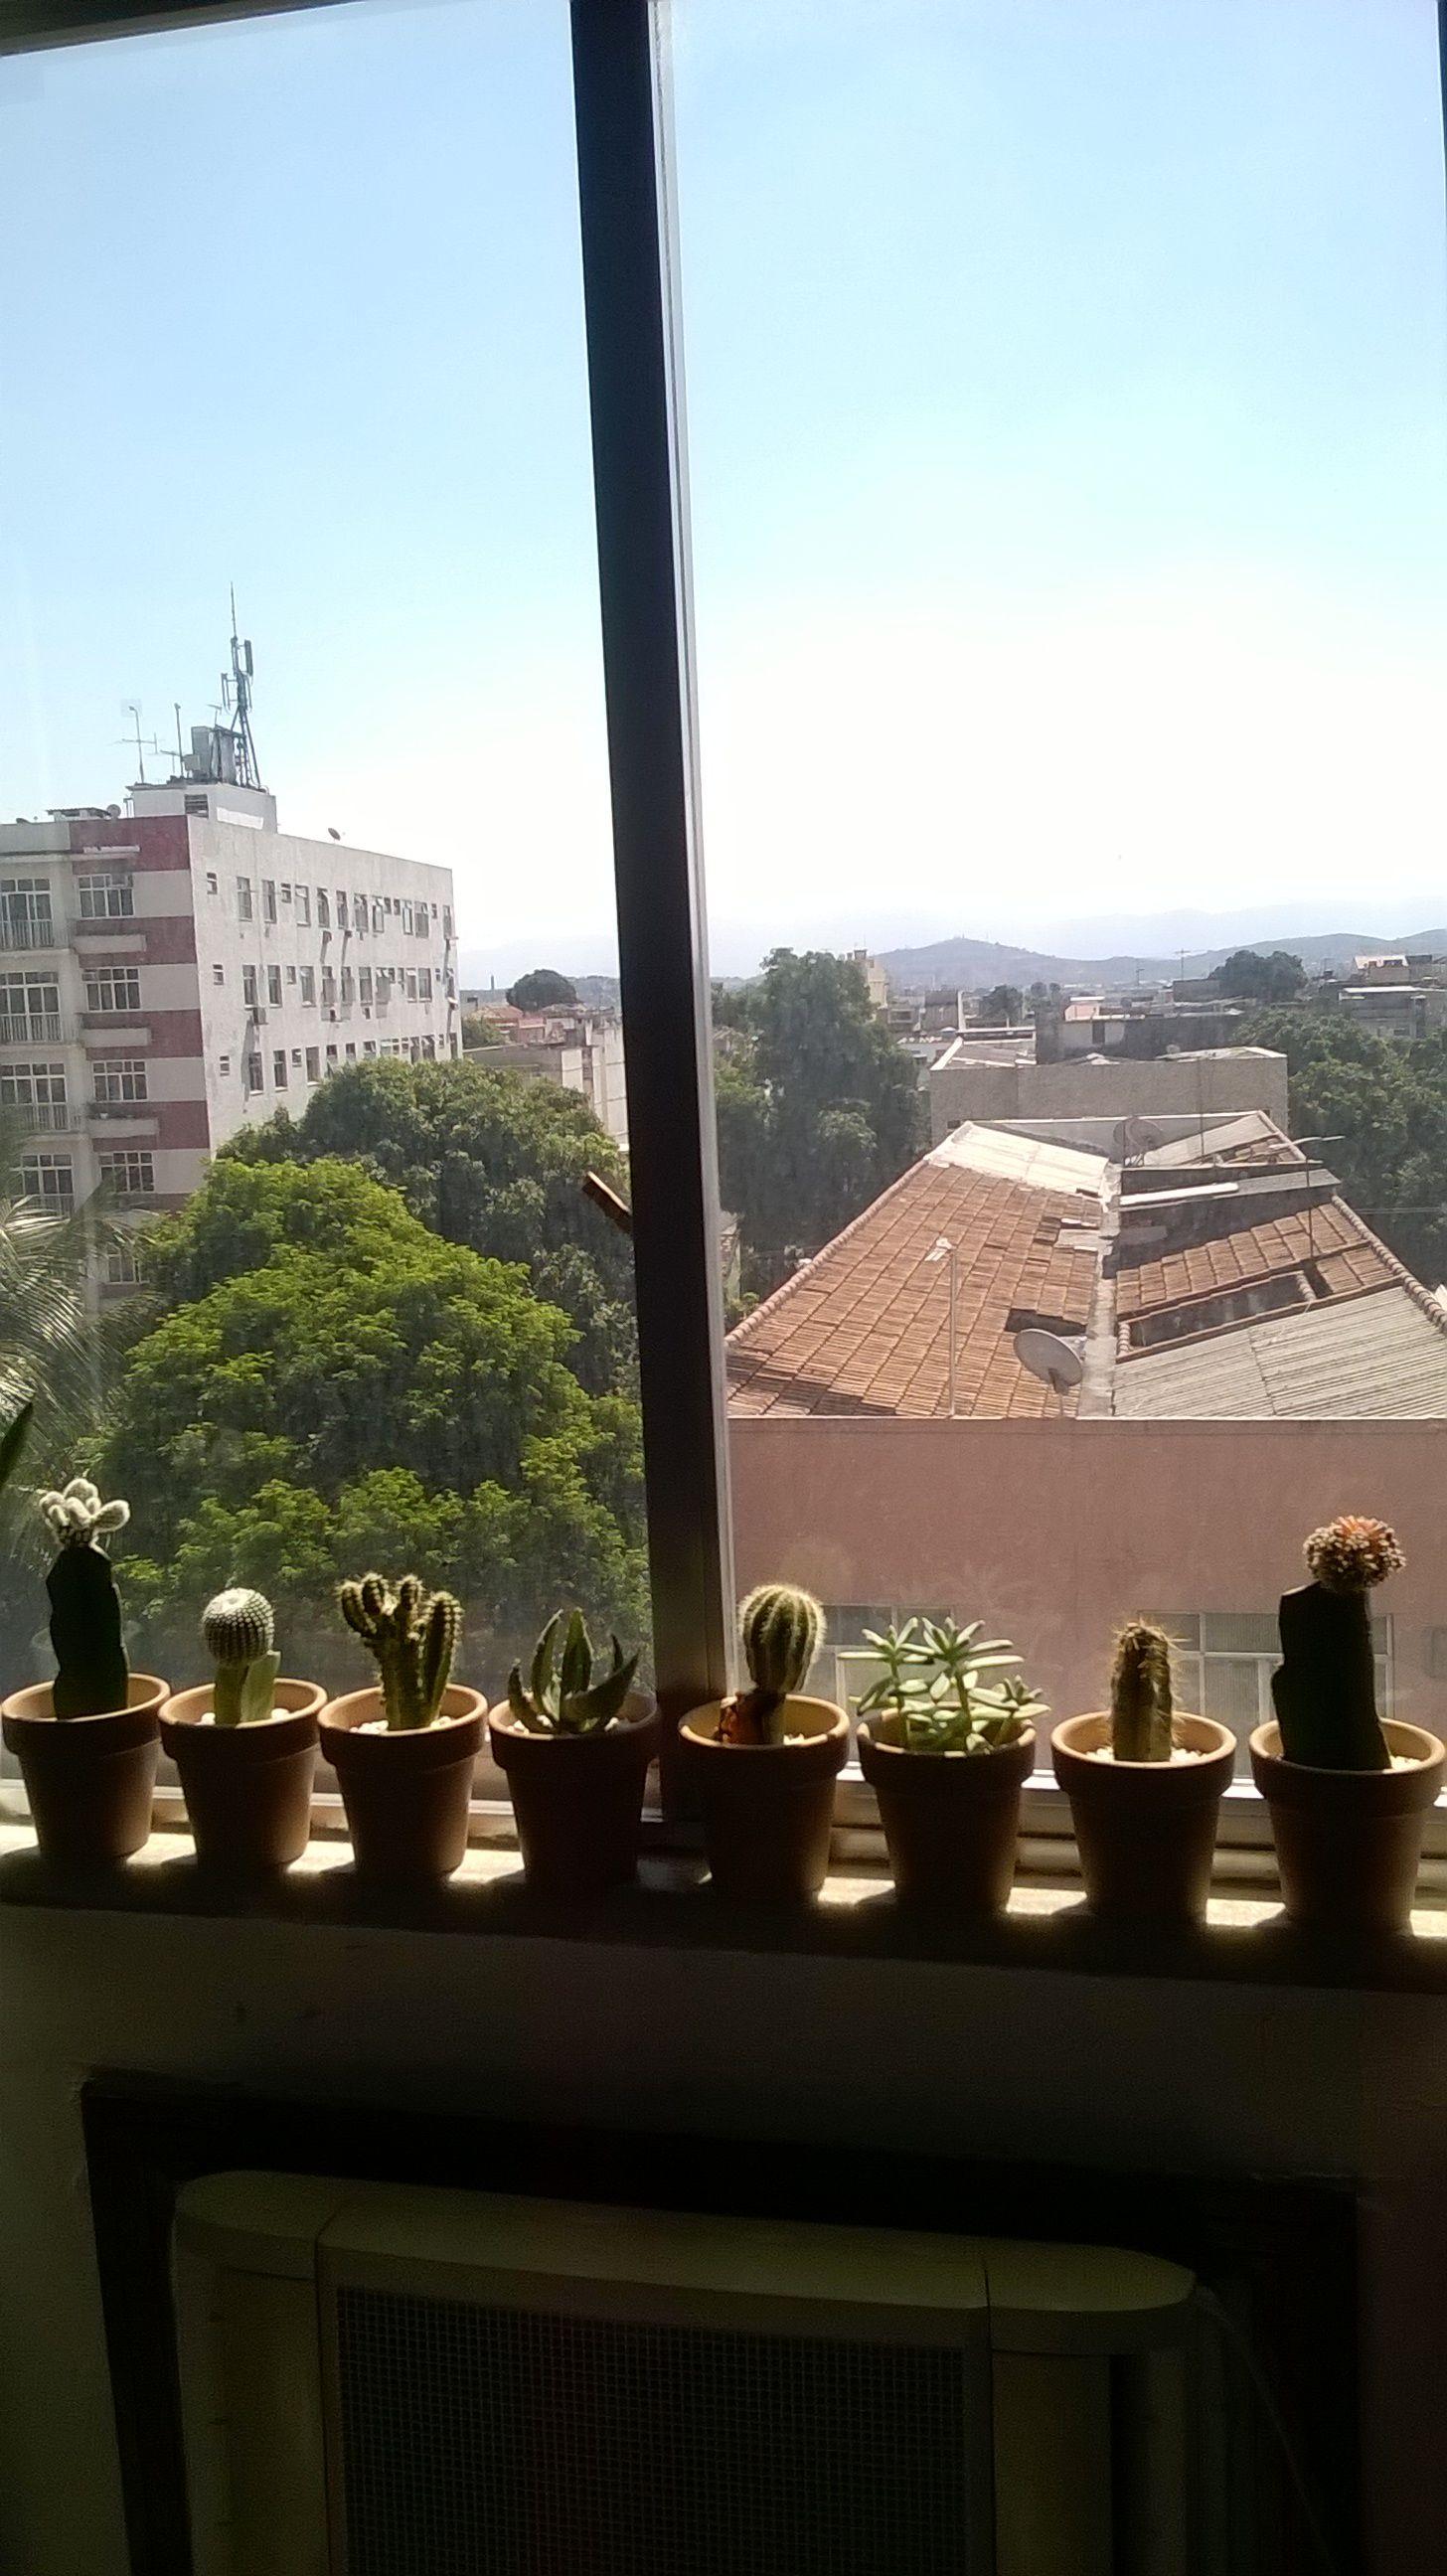 Meu jardim 🏡 de janela...bom dia à todos que virem essa imagem...Um viva para a Natureza!